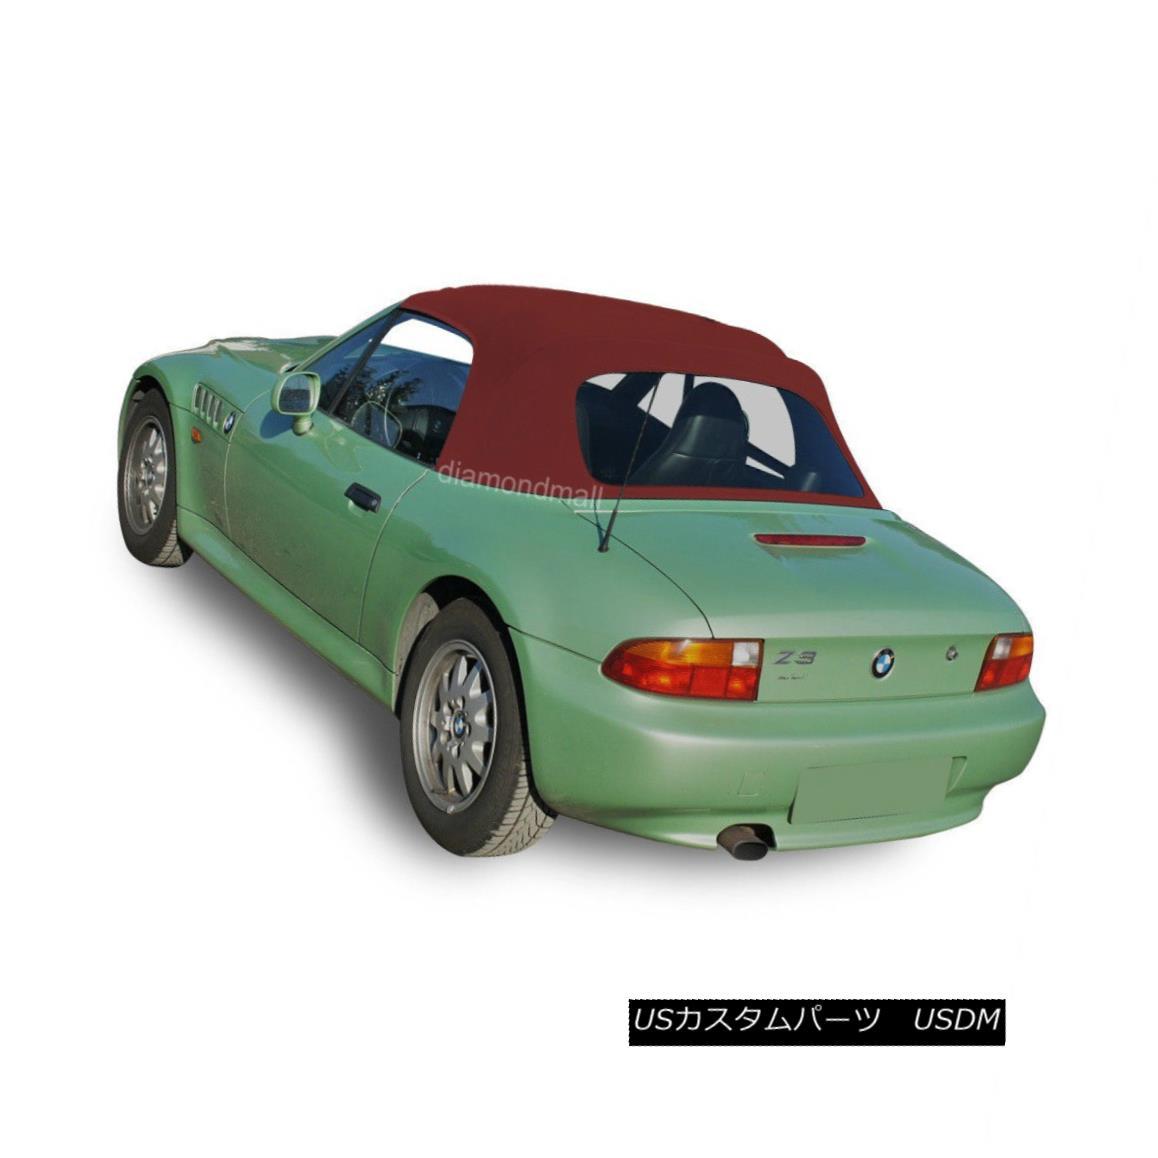 幌・ソフトトップ BMW Z3 1996-02 Convertible Soft Top Replacement & Plastic Window Burgundy Twill BMW Z3 1996-02コンバーチブルソフトトップ交換& プラスチック窓ブルゴーニュツイル